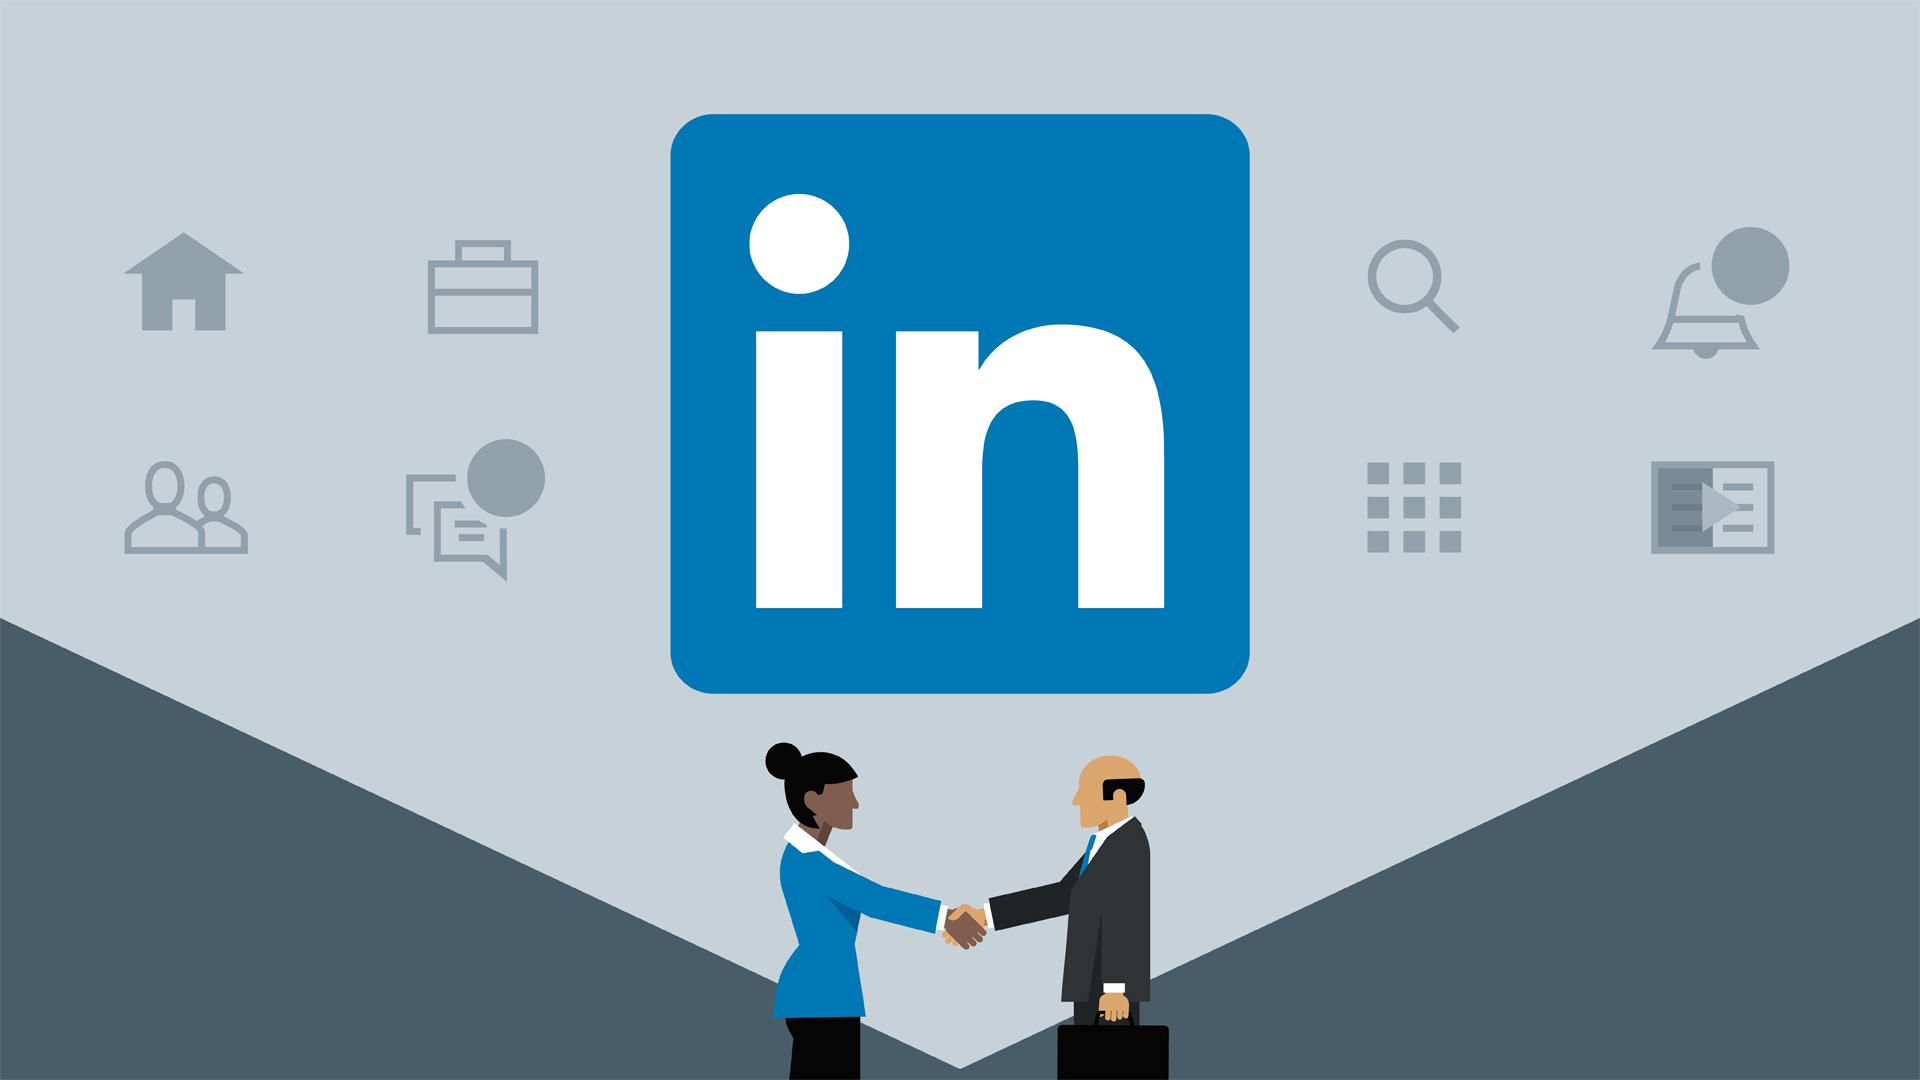 Permudah Bikin CV, LinkedIn Kini Terintegrasi Dengan Word